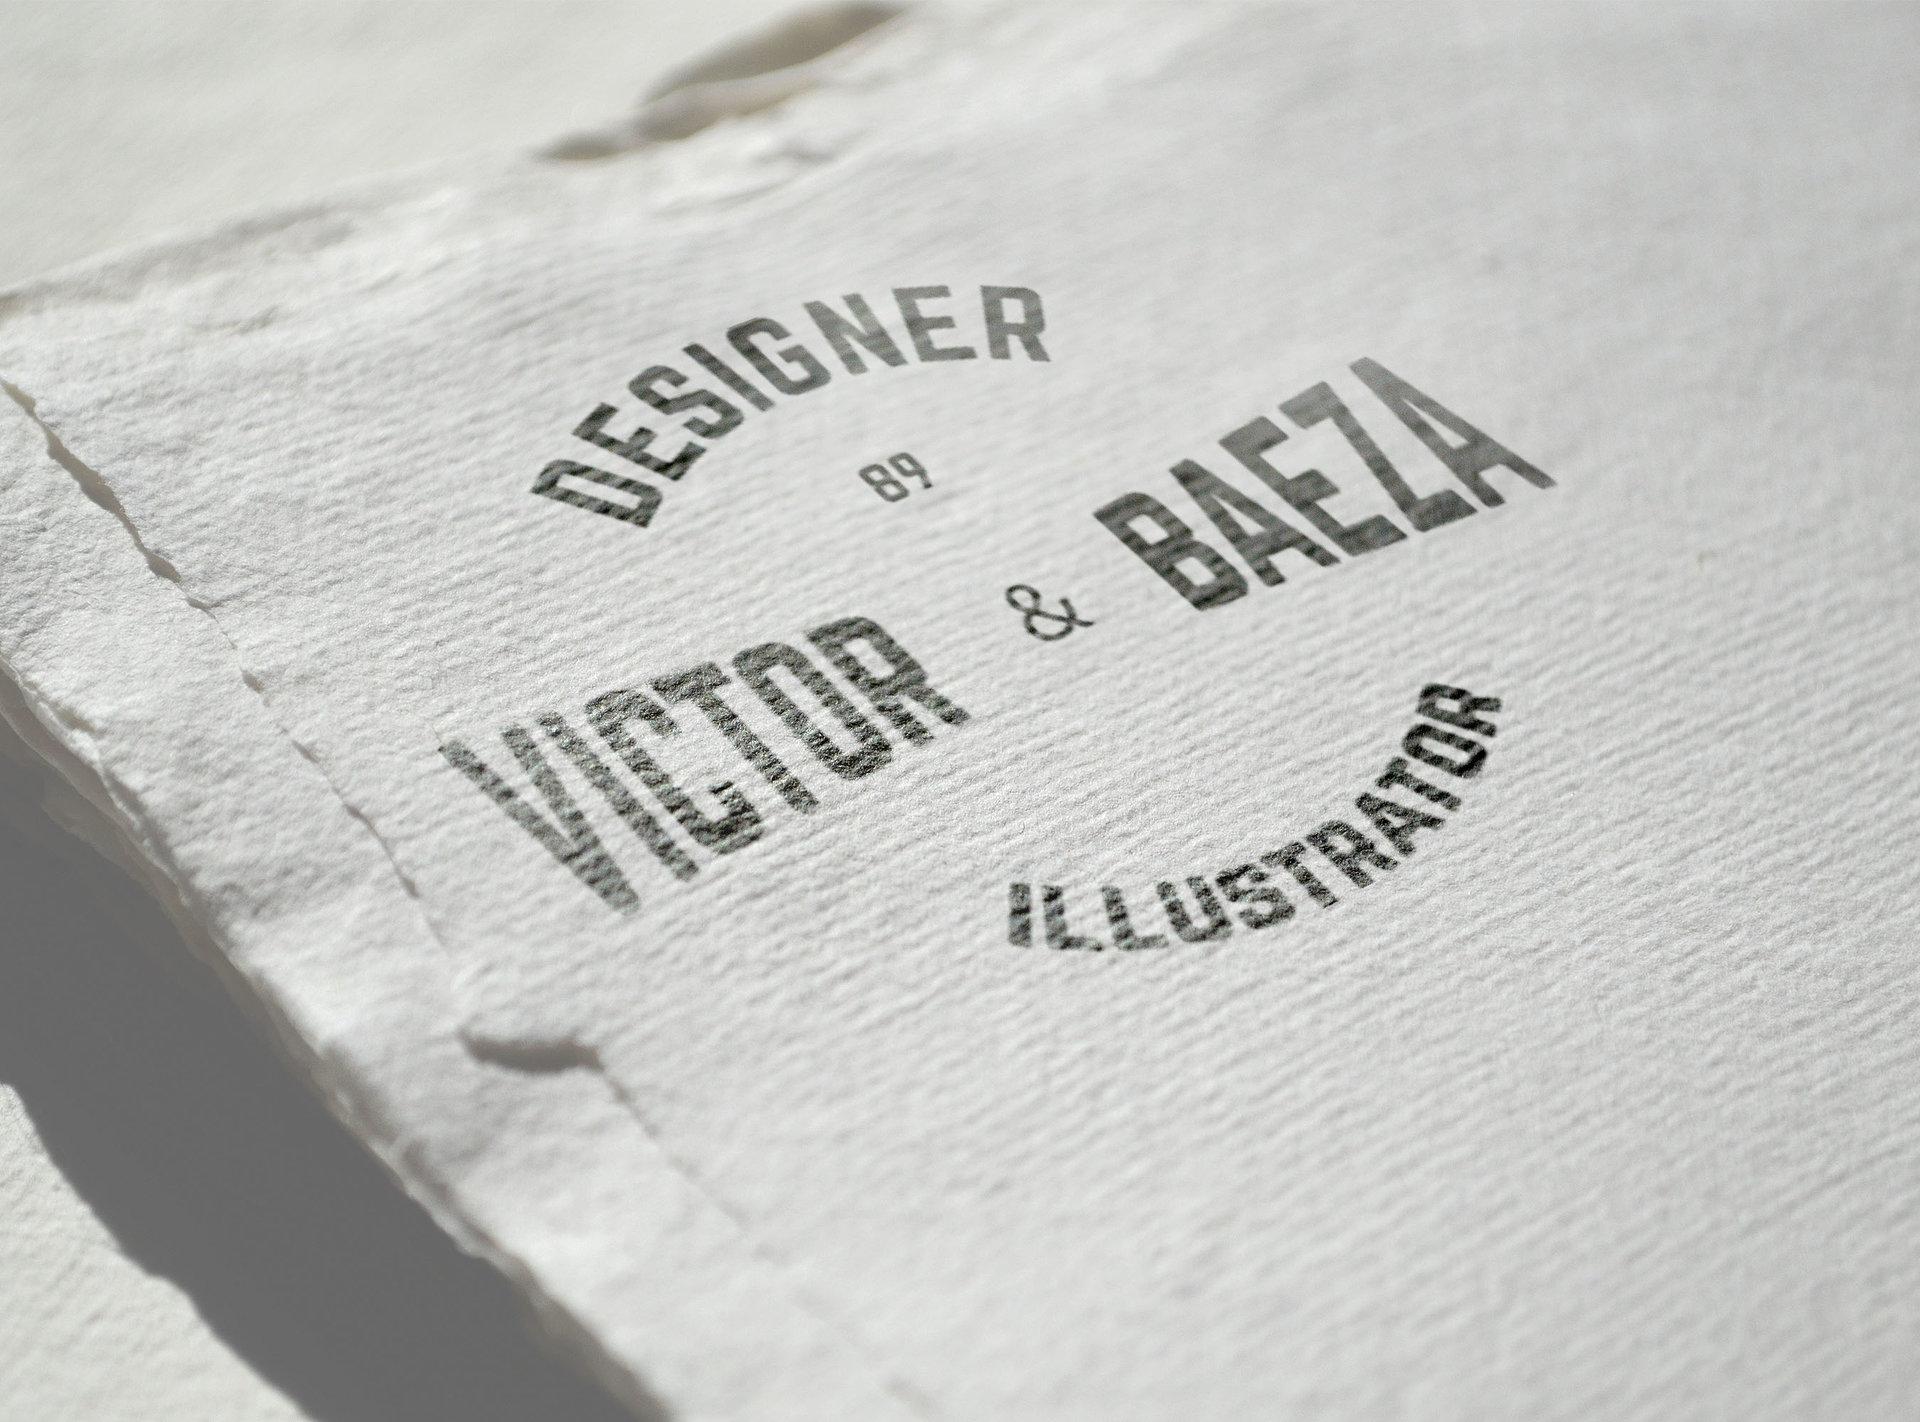 Victor baeza victor baeza diseno y ilustracion